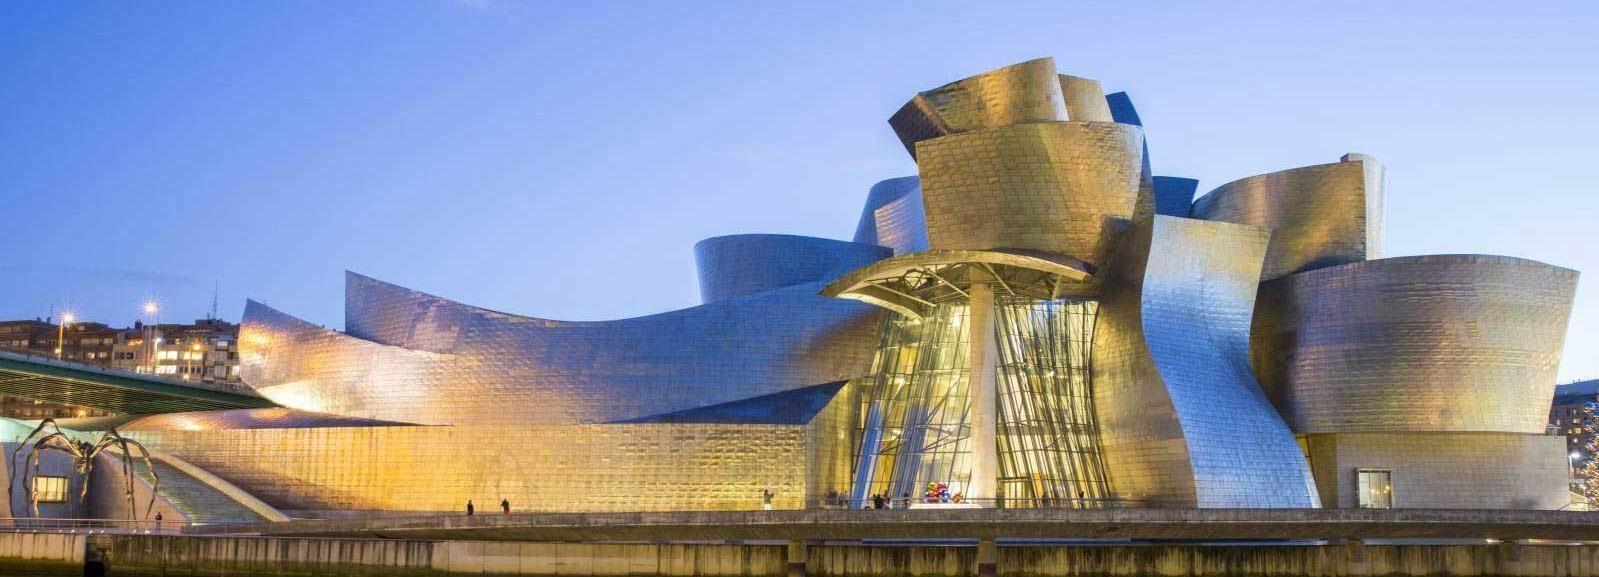 Bilbao: Visita guiada por los alrededores del Museo Guggenheim